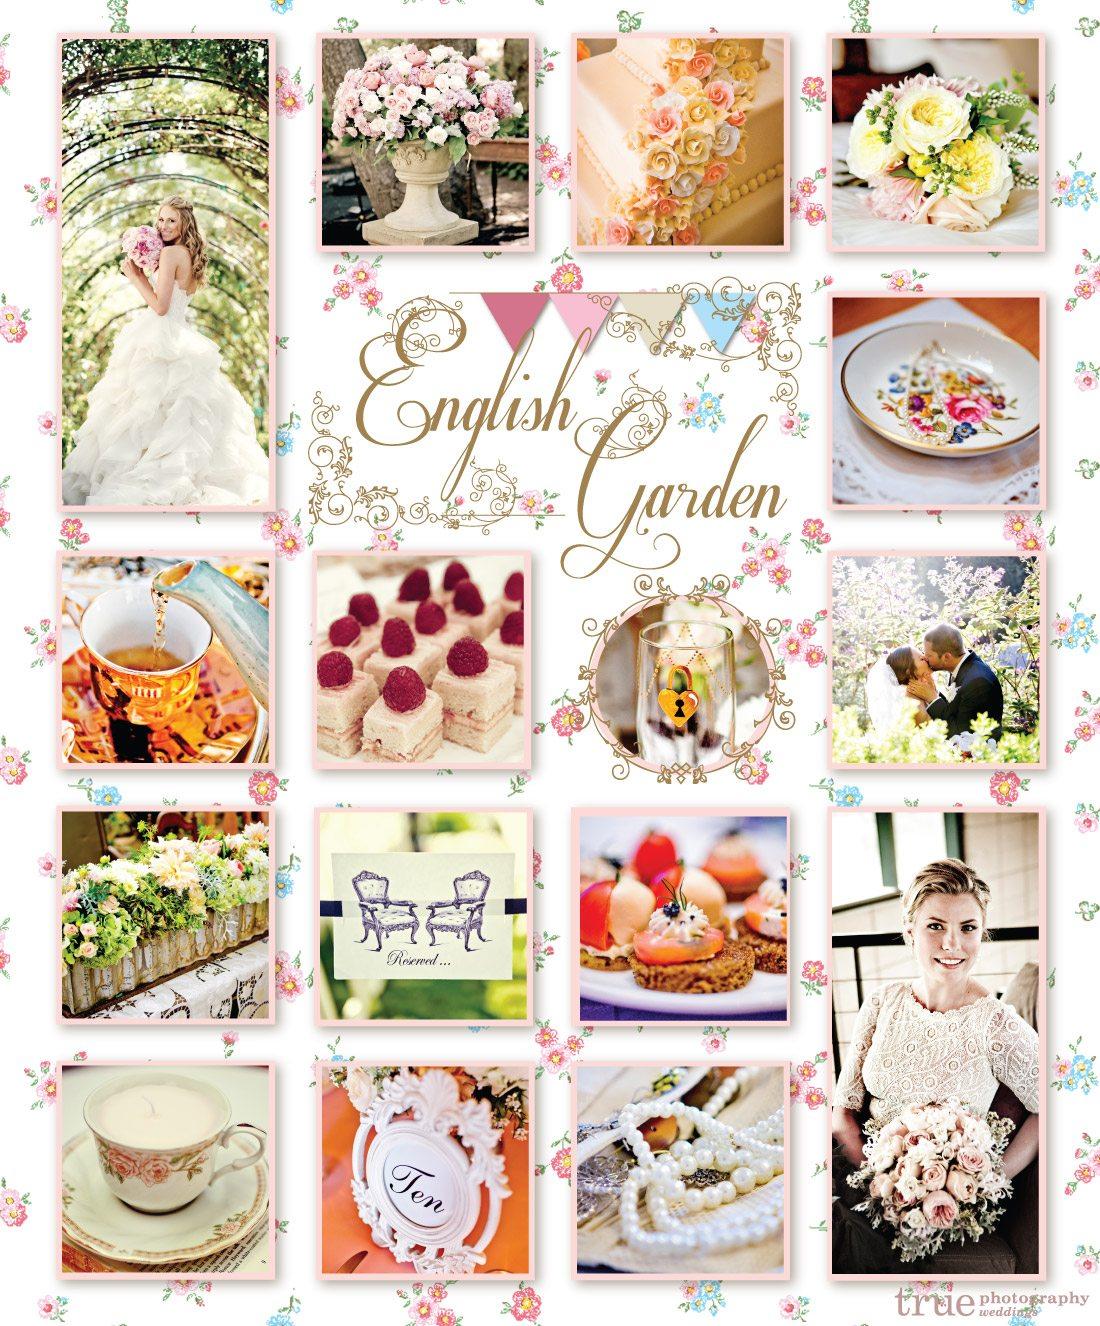 English-Garden[1]